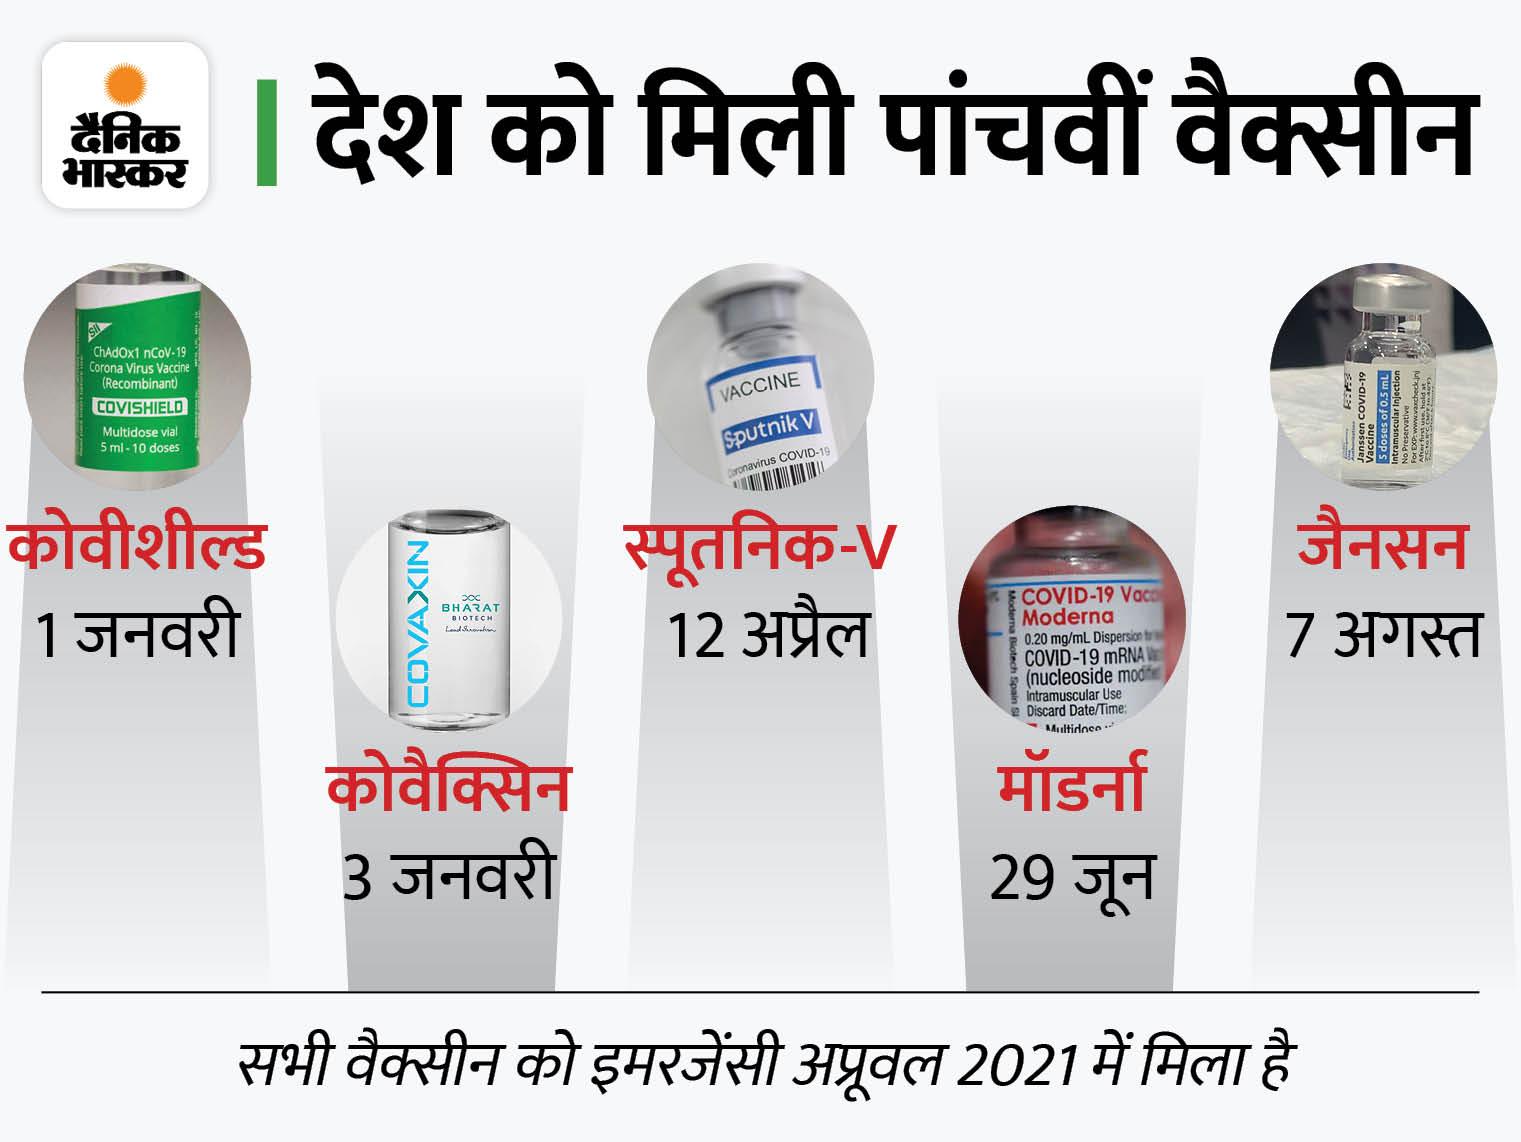 जॉनसन एंड जॉनसन की सिंगल डोज वैक्सीन को भारत में इमरजेंसी अप्रूवल, जल्द बाजार में आने की उम्मीद|देश,National - Dainik Bhaskar